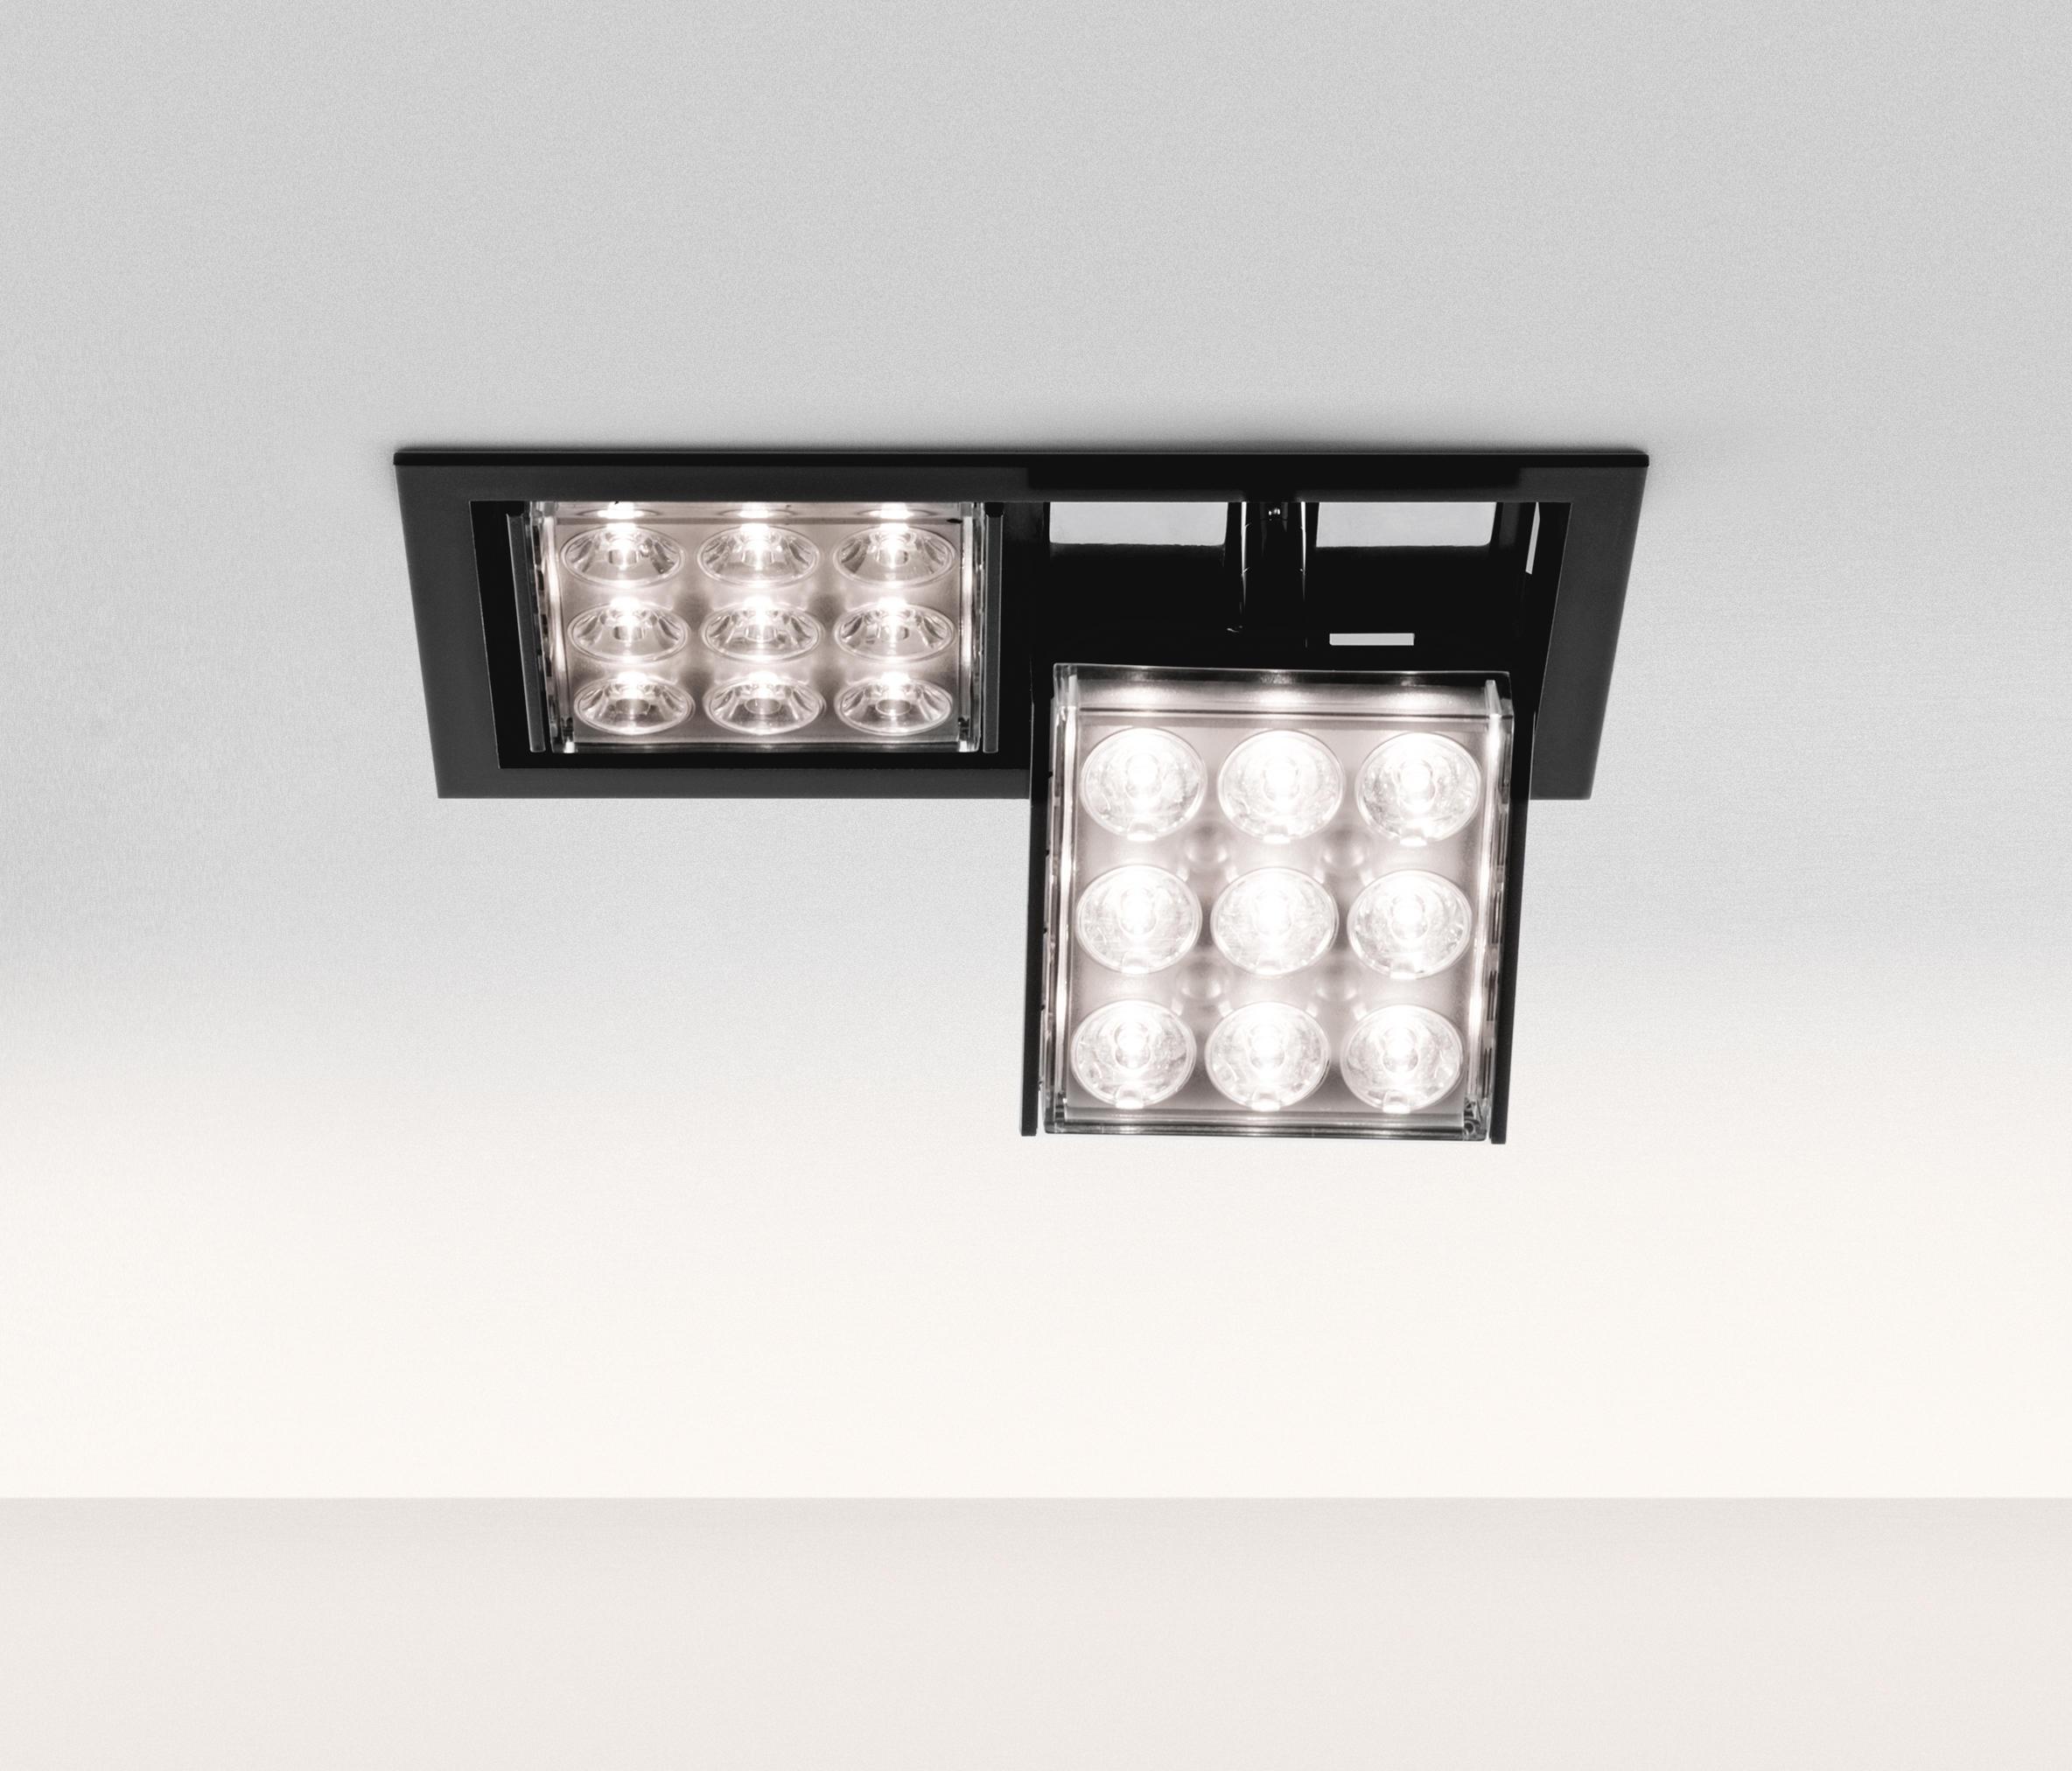 Pad 80 illuminazione generale artemide architectural for Artemide illuminazione